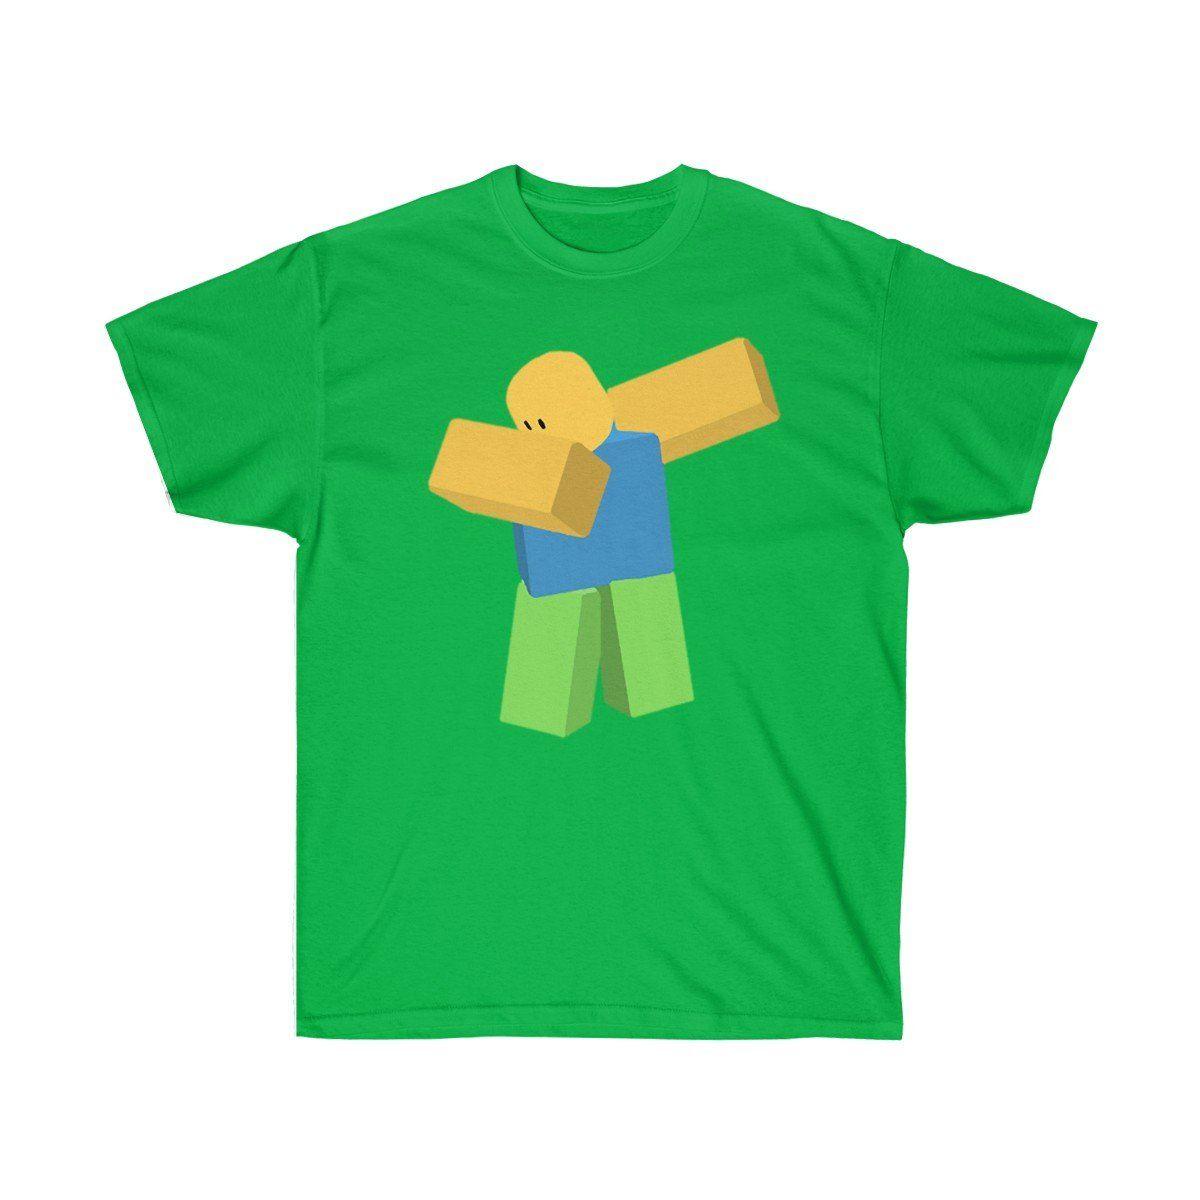 Oof Roblox Dab Meme T Shirt Dabs Meme Meme Tshirts Roblox